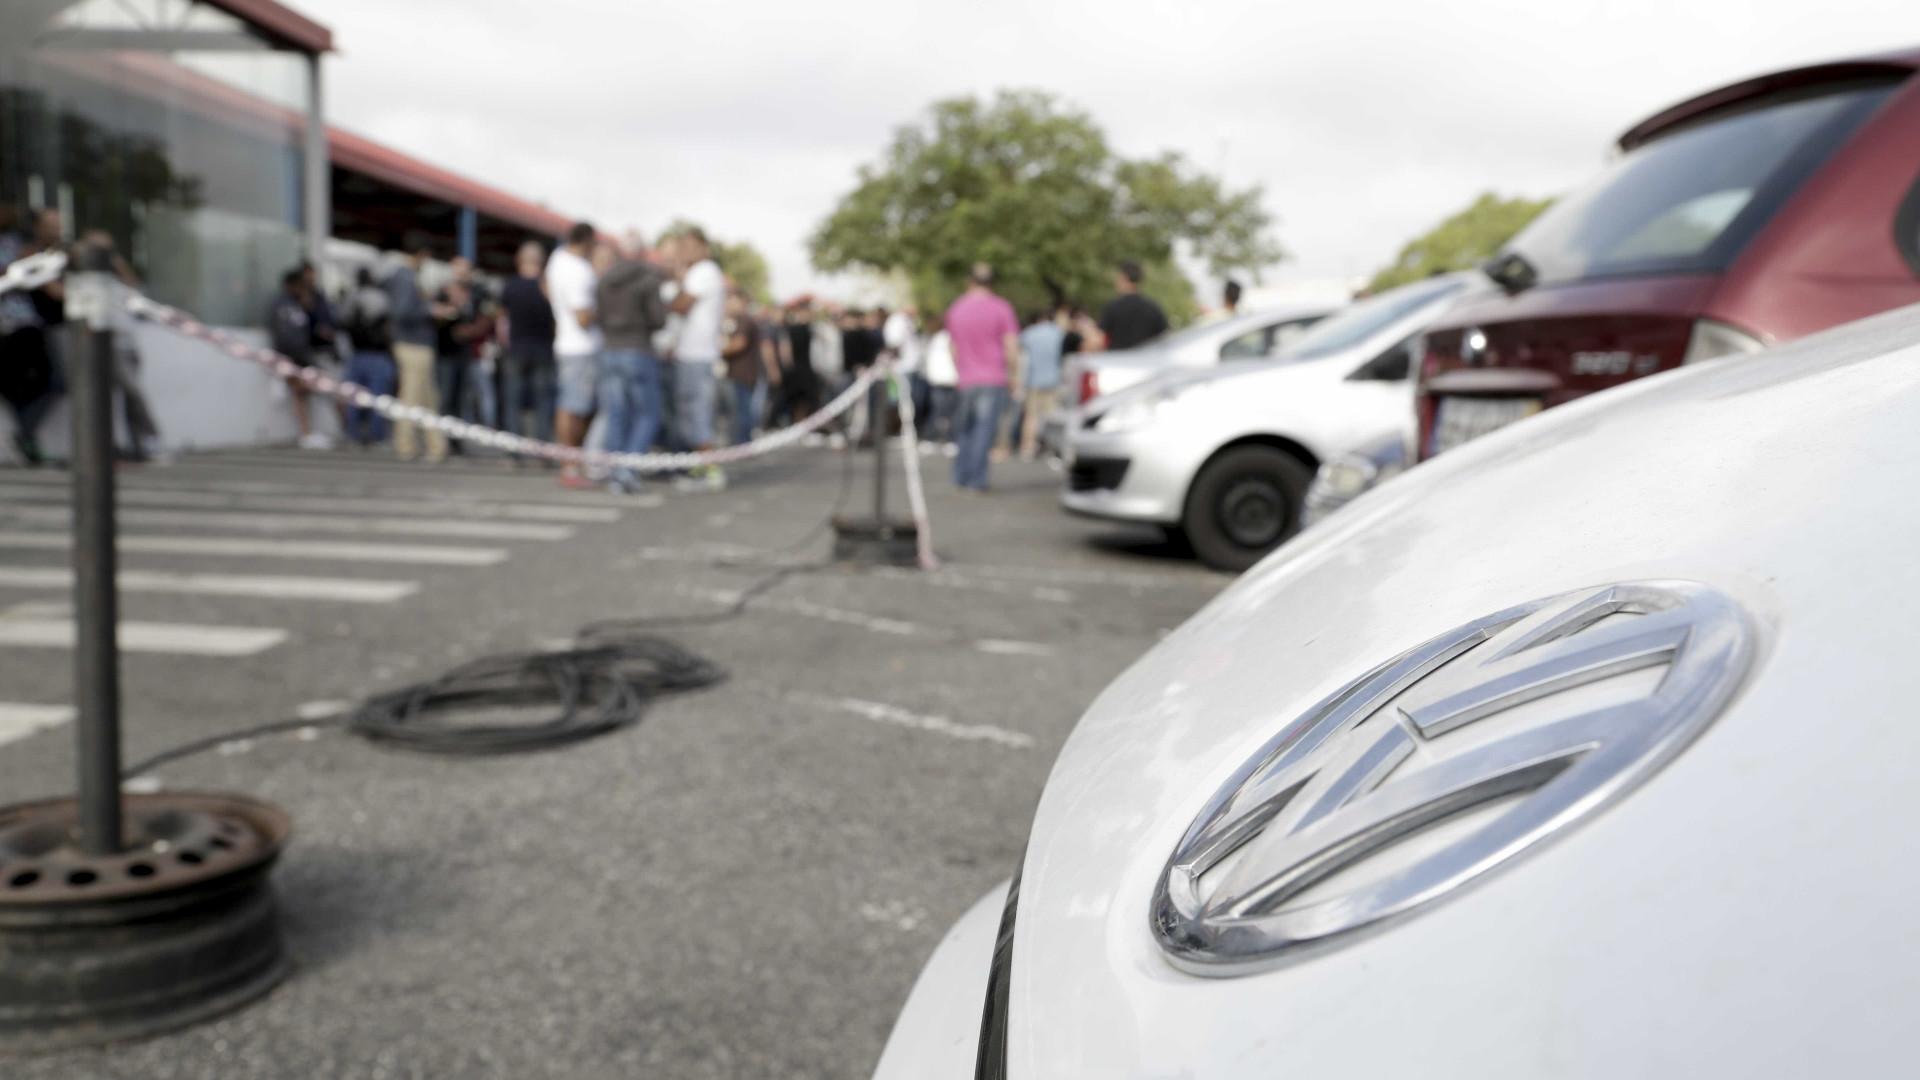 Produção na Autoeuropa subiu em setembro para mais de 9 mil viaturas